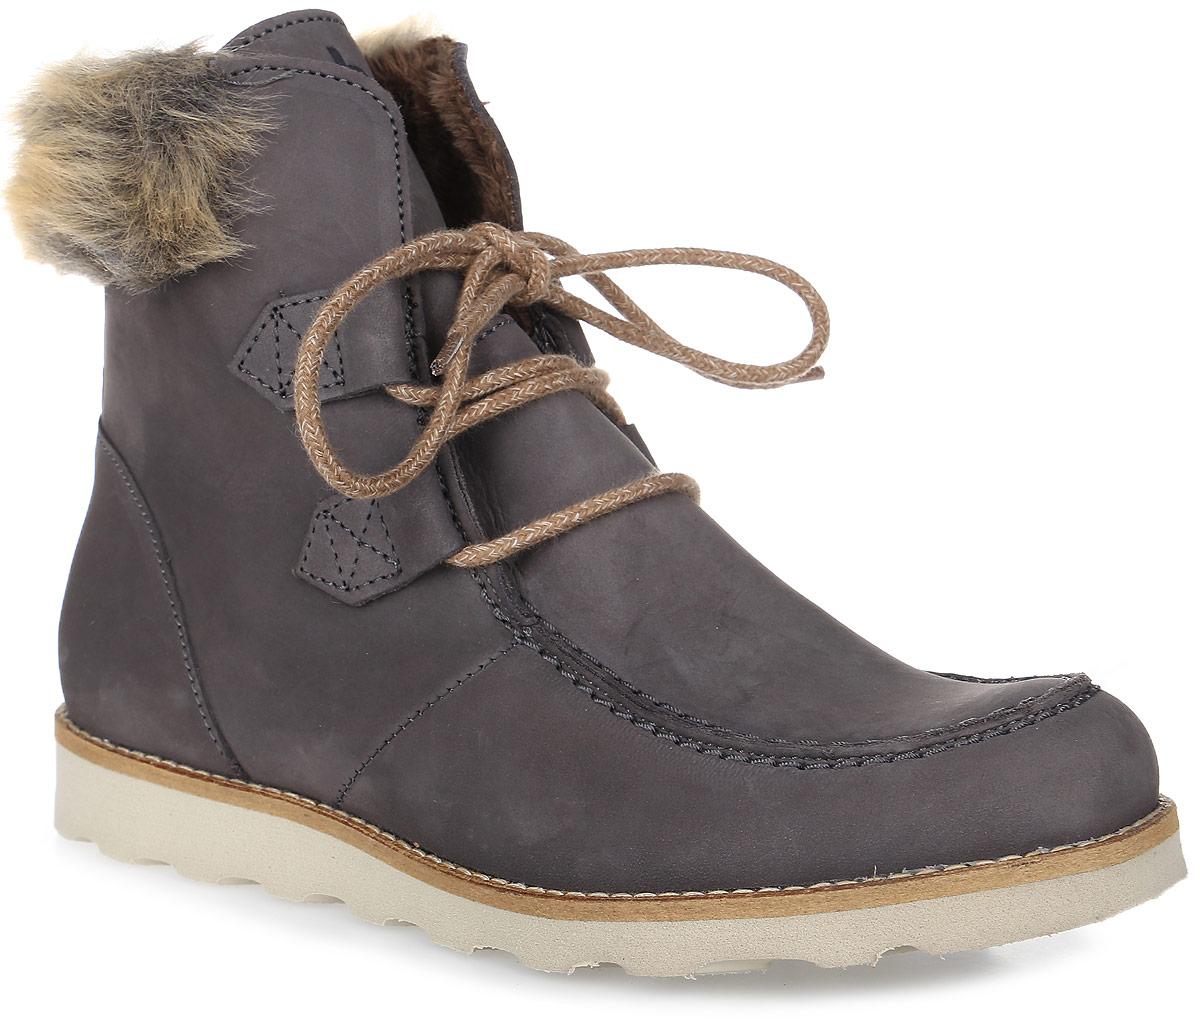 Ботинки женские TBS Ariana, цвет: серый. ARIANA-O7141. Размер 38 (37)ARIANA-O7141Трендовые женские ботинки Ariana от TBS - модель для ценителей современной качественной обуви! Модель выполнена из натурального нубука и на голенище дополнена искусственным мехом. Мысок прострочен. Внутренняя поверхность и стелька из кожи обеспечат комфорт и уют вашим ногам. Прочная резиновая подошва гарантирует длительную носку и сцепление с любой поверхностью. Оригинальная шнуровка надежно фиксирует обувь на ноге.